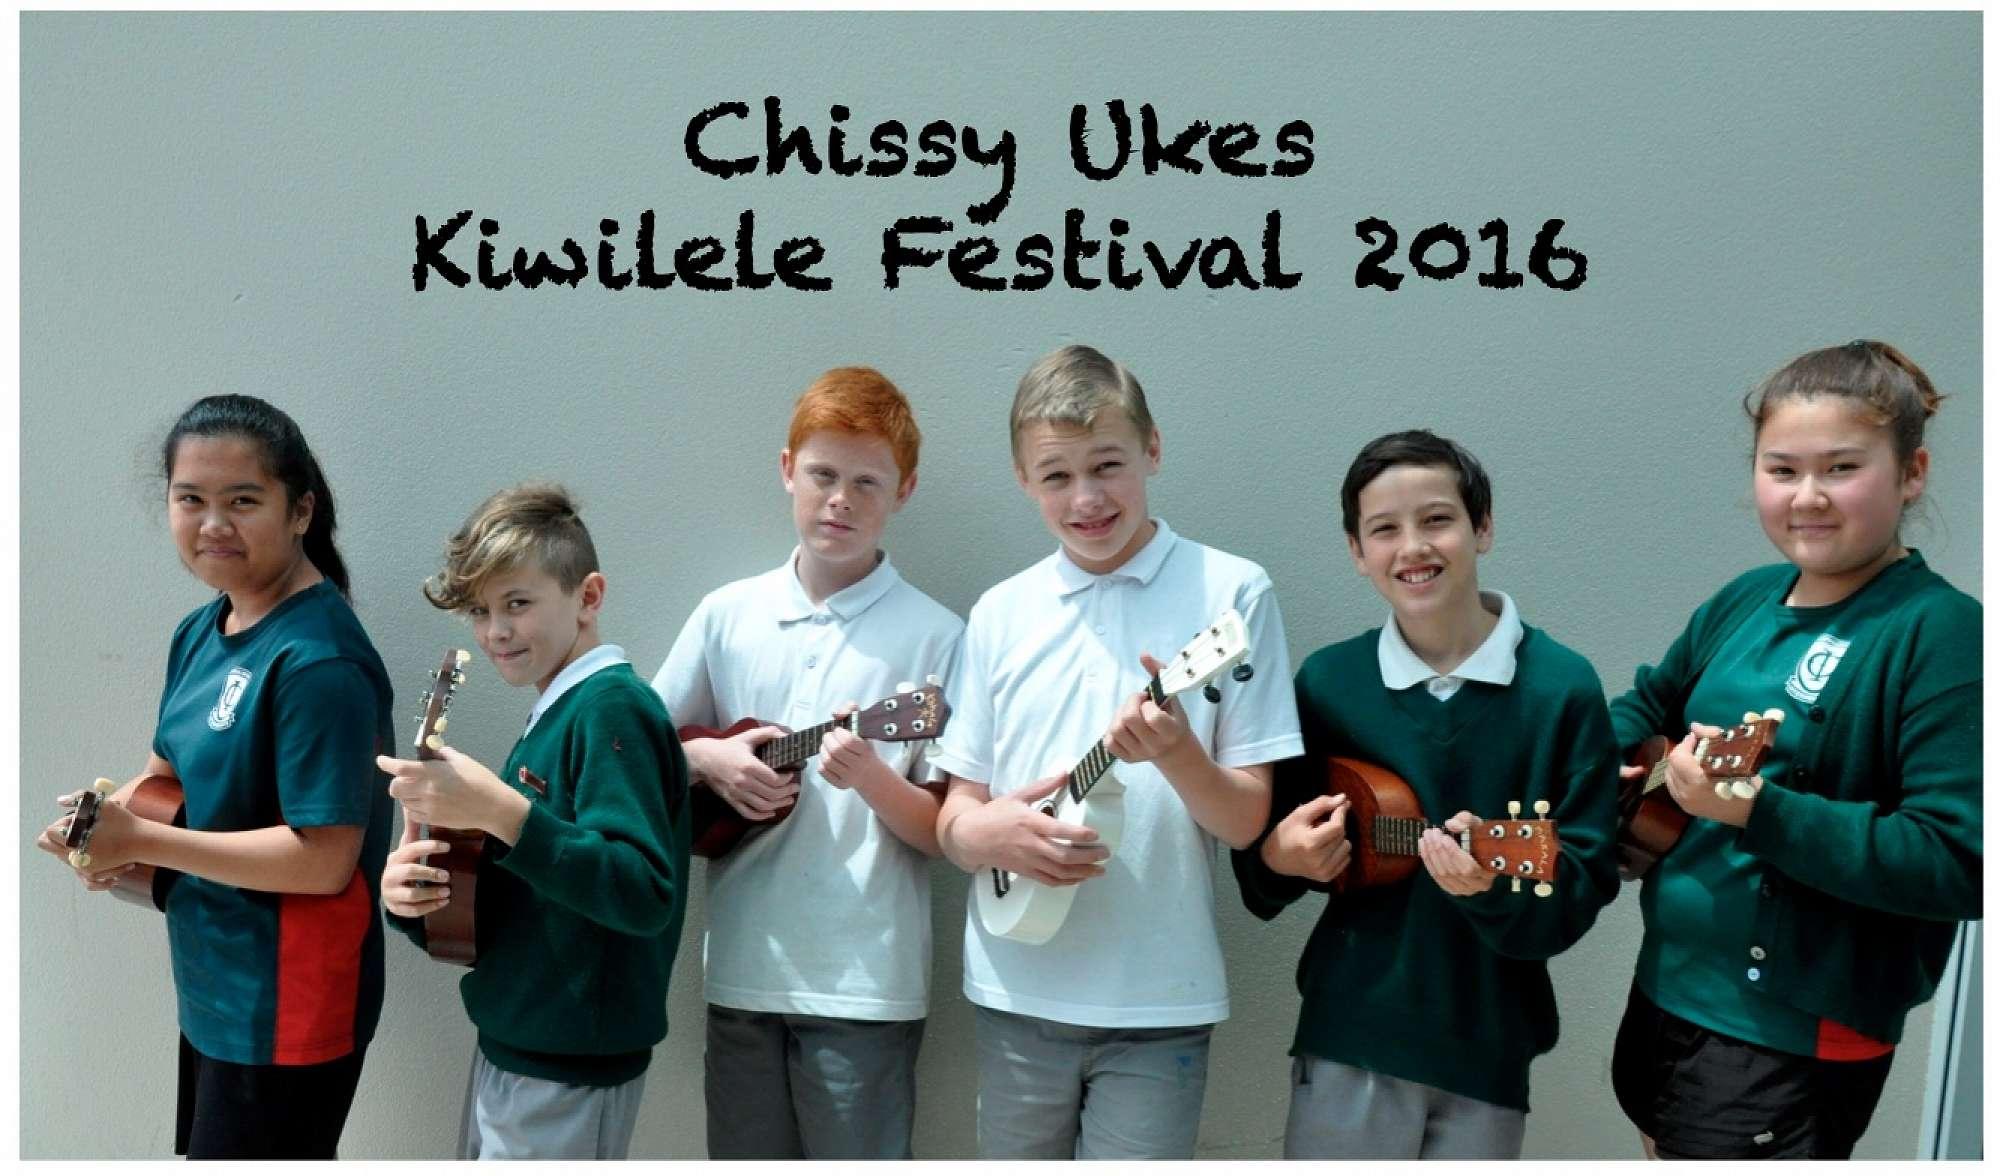 Chissy Ukes